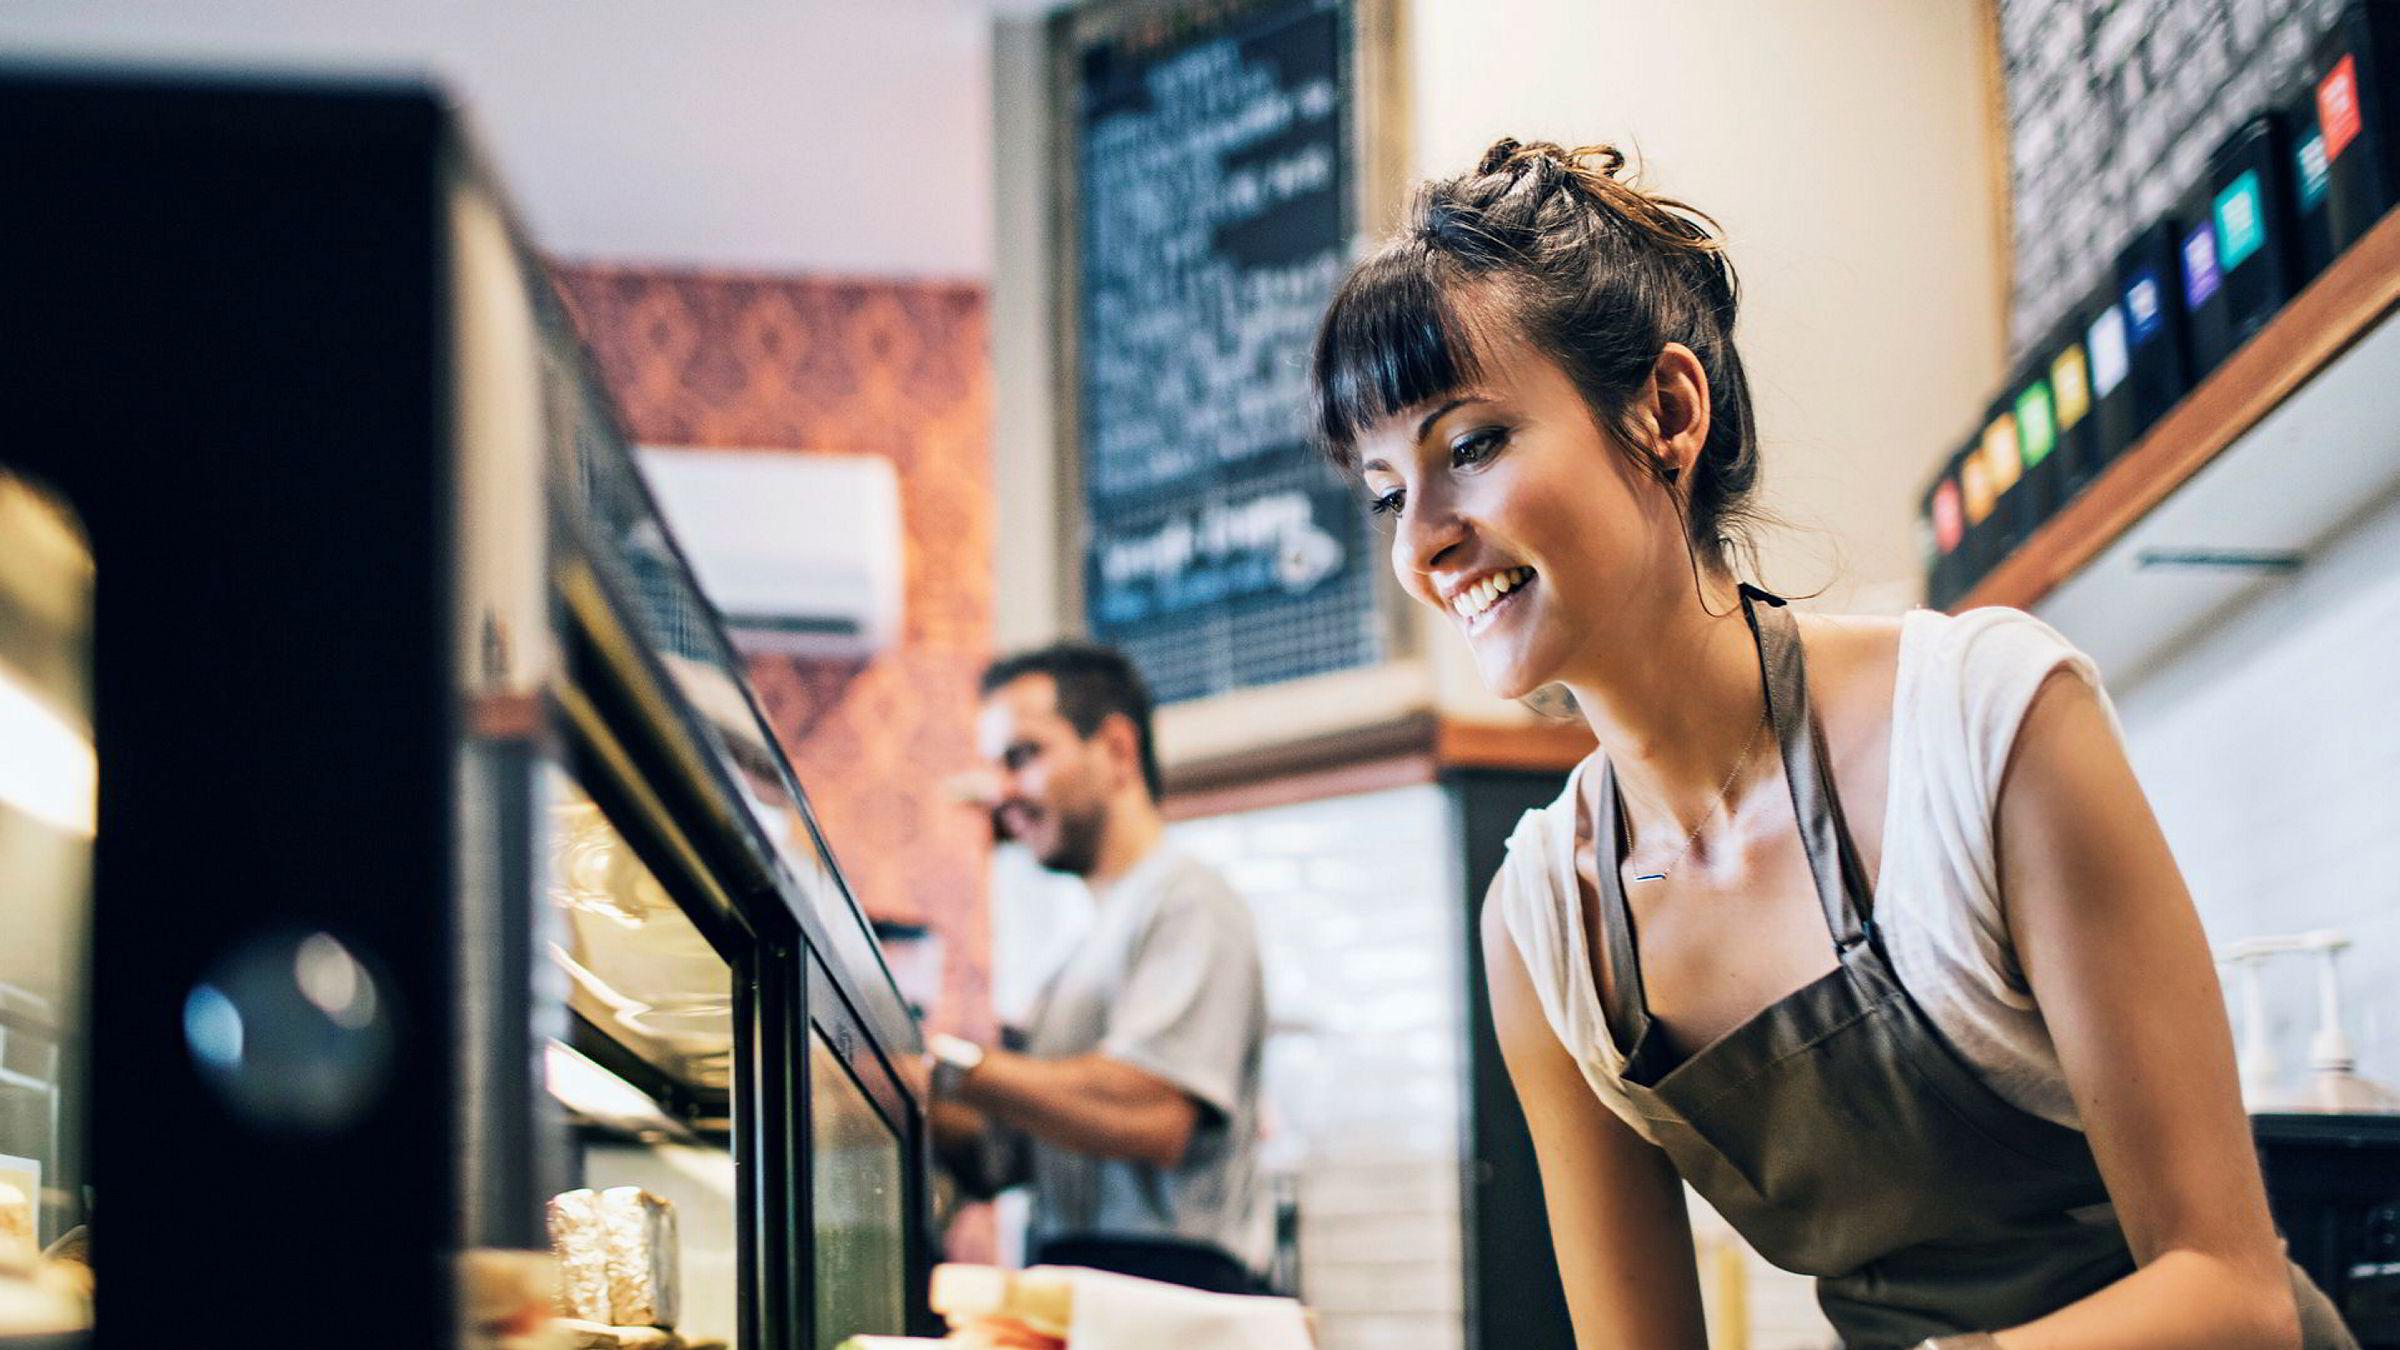 En lovfestet nasjonal minstelønn vil kunne være mer brukervennlig sammenlignet med et mylder av ulike lønnssatser i ulike allmenngjøringsforskrifter.